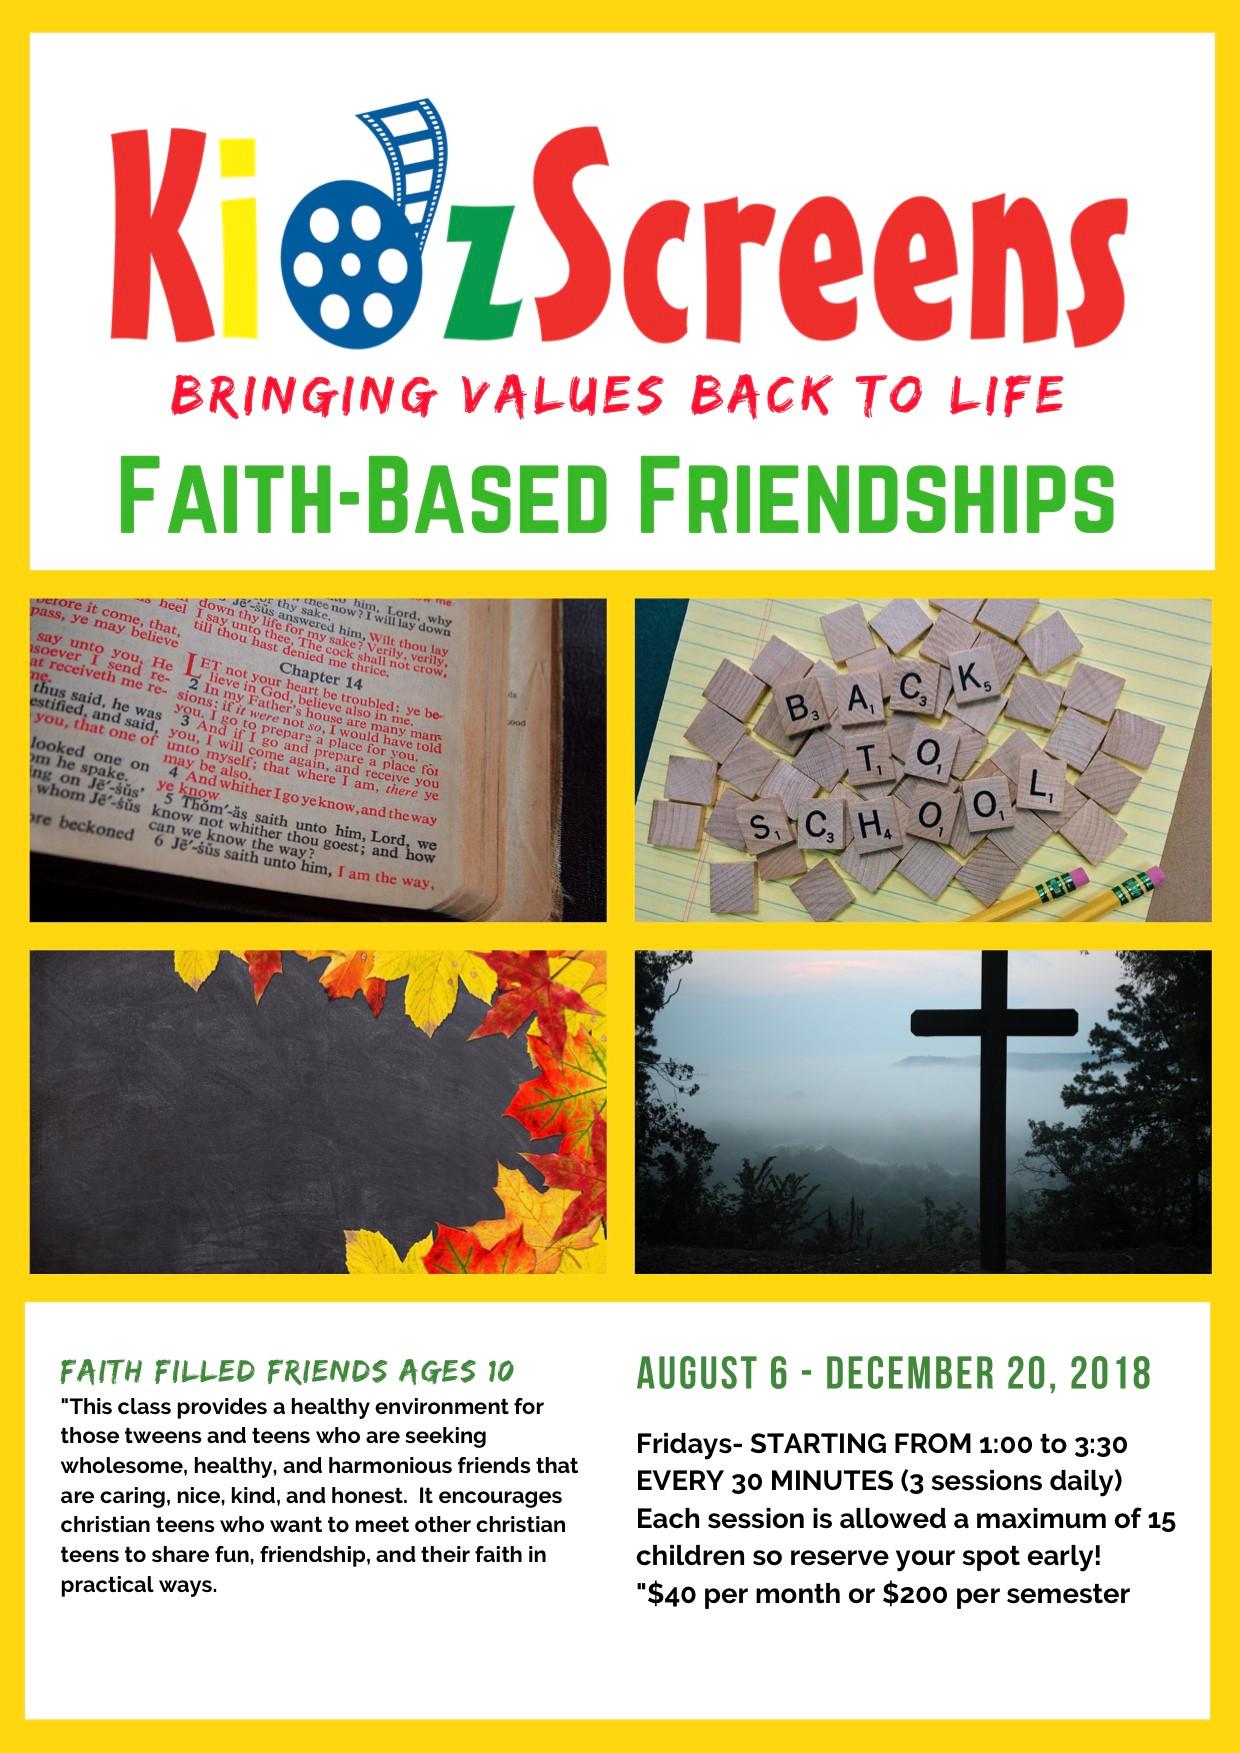 Faith-Based Friendships